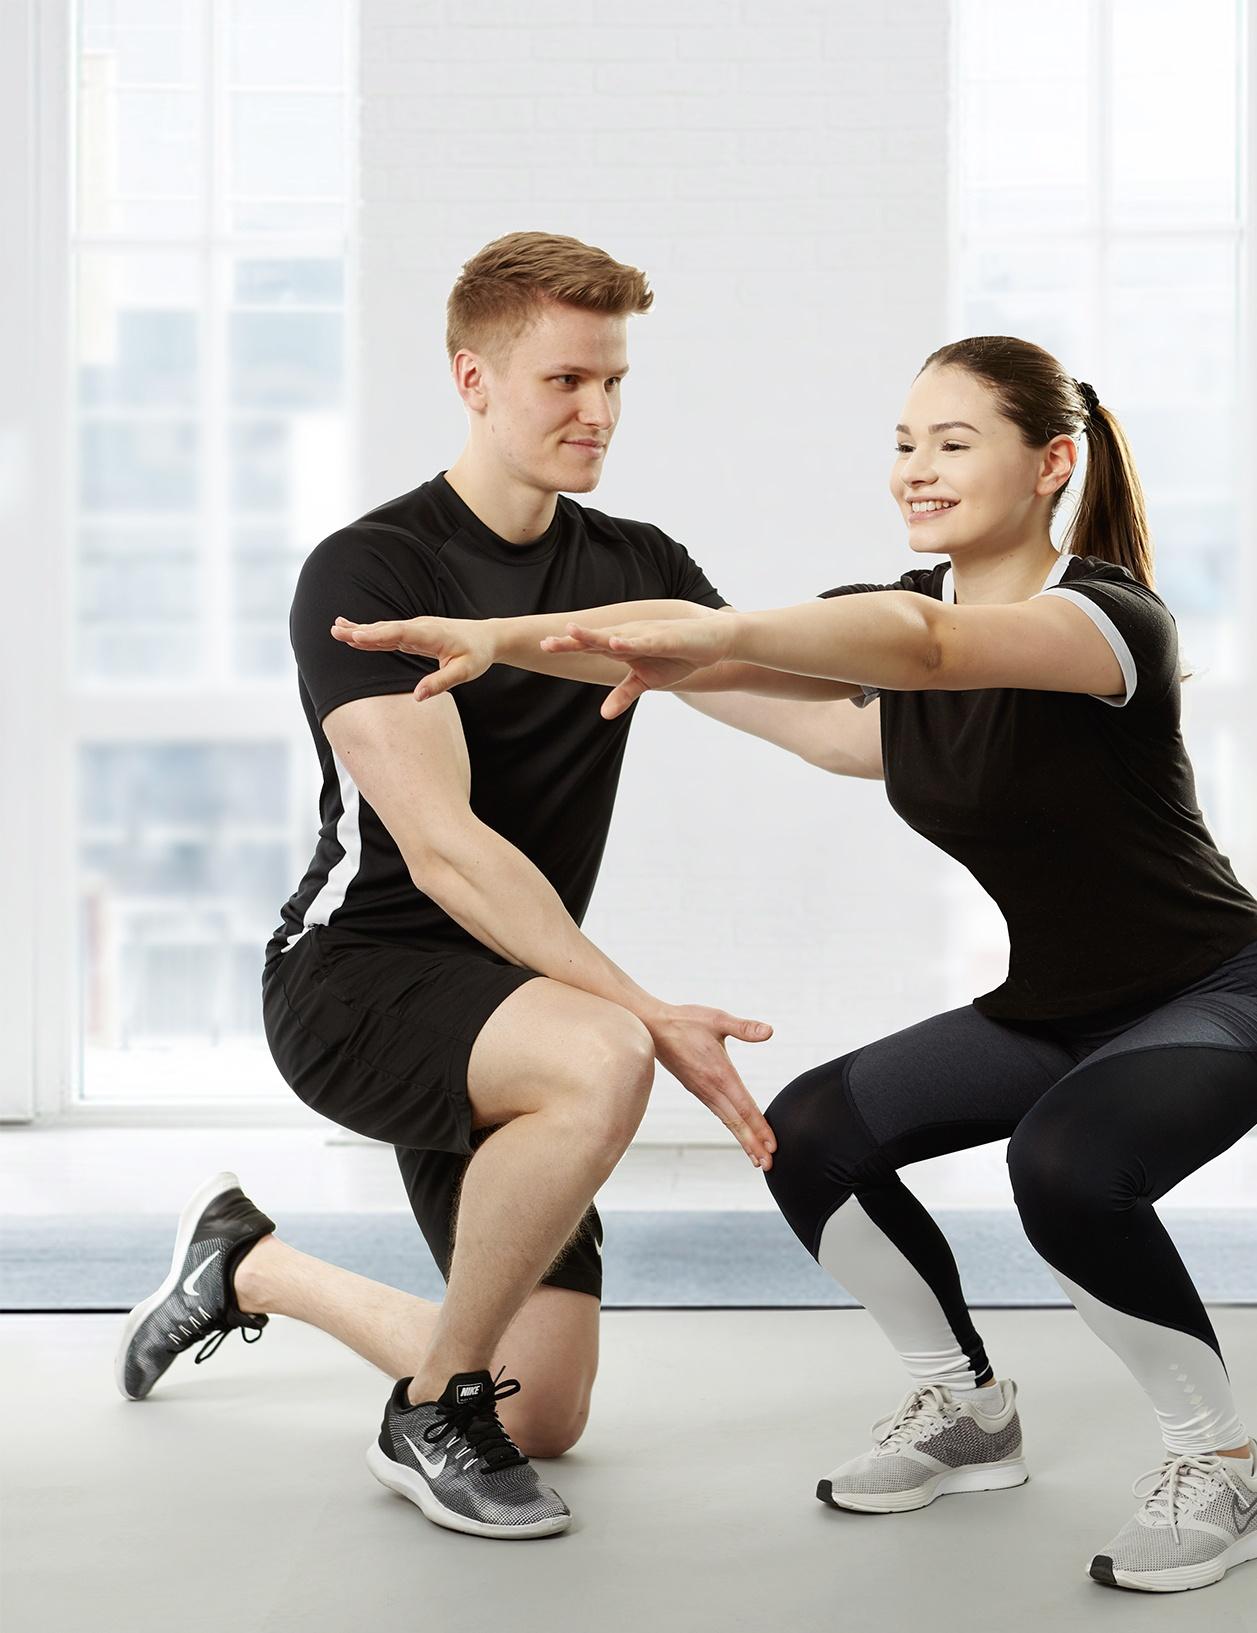 Personal Trainer während einer Übungseinweisung